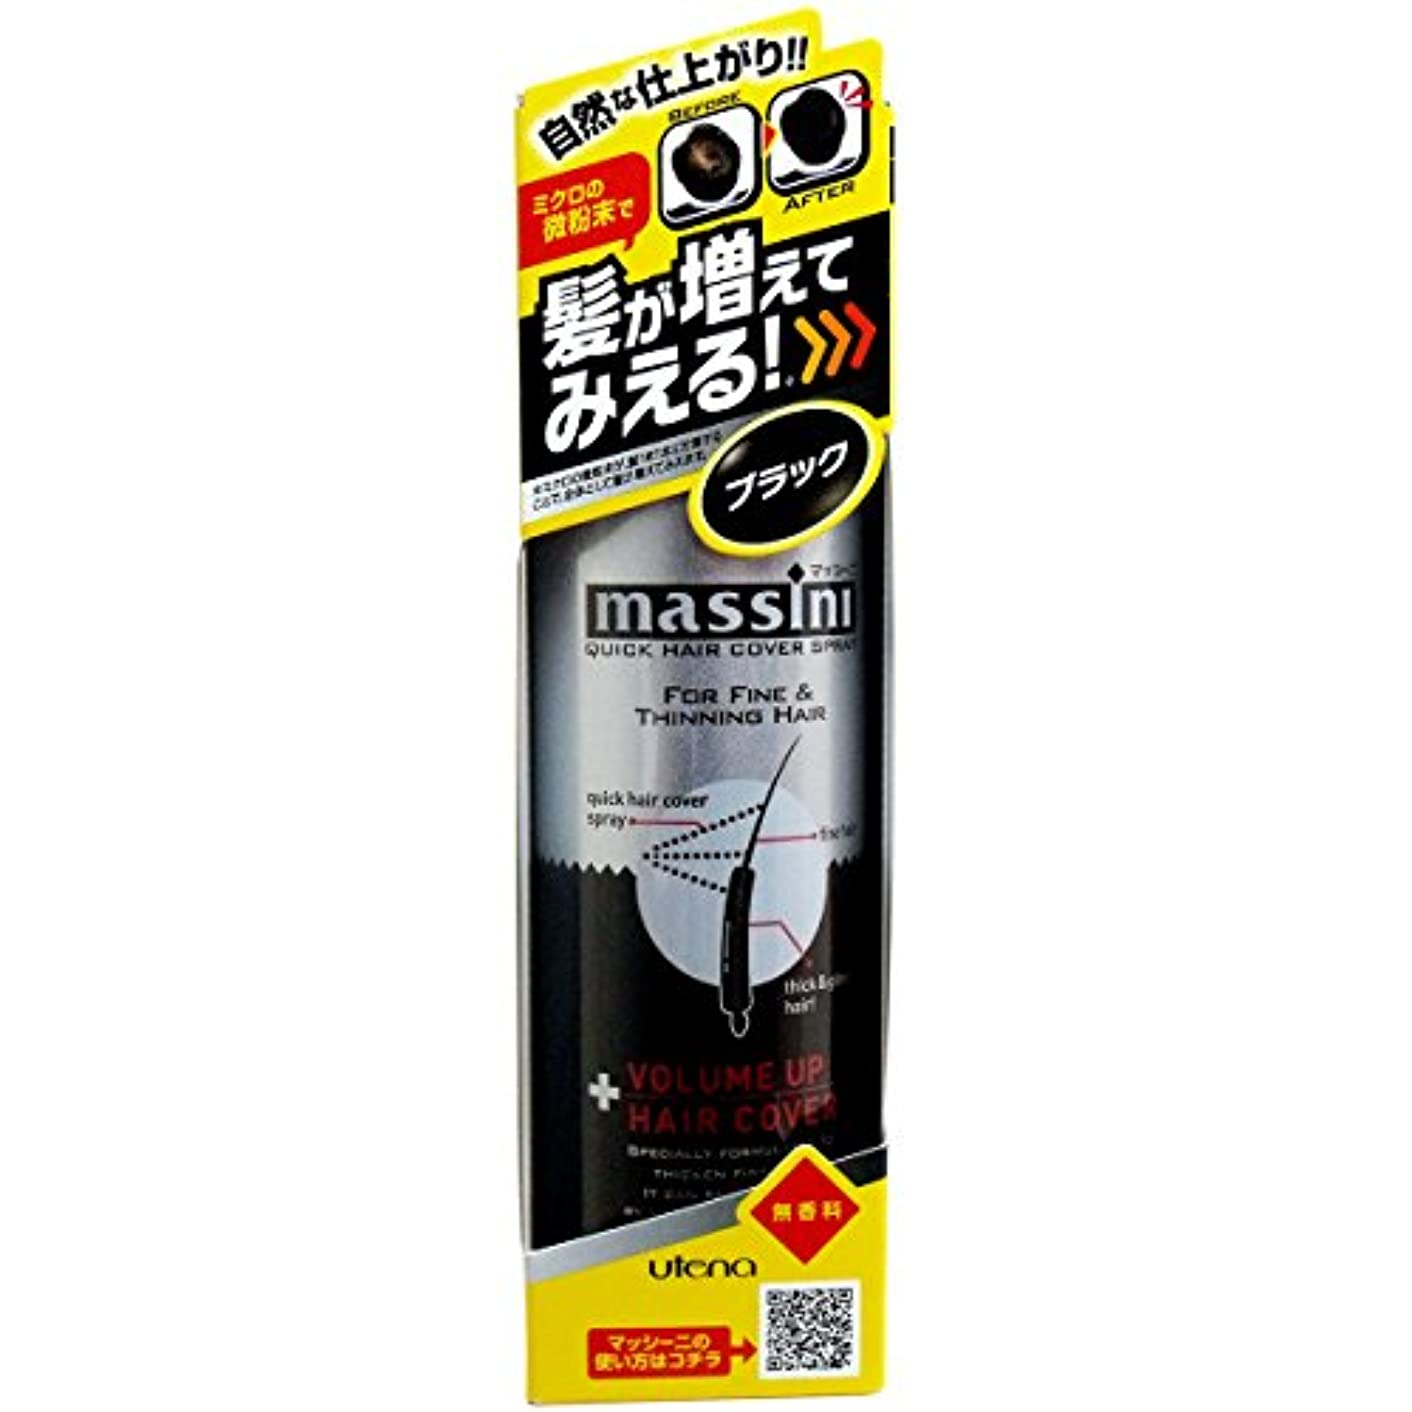 バター委員長岸【まとめ買い】マッシーニ クイックヘアカバースプレーBK(ブラック) 1P ×2セット